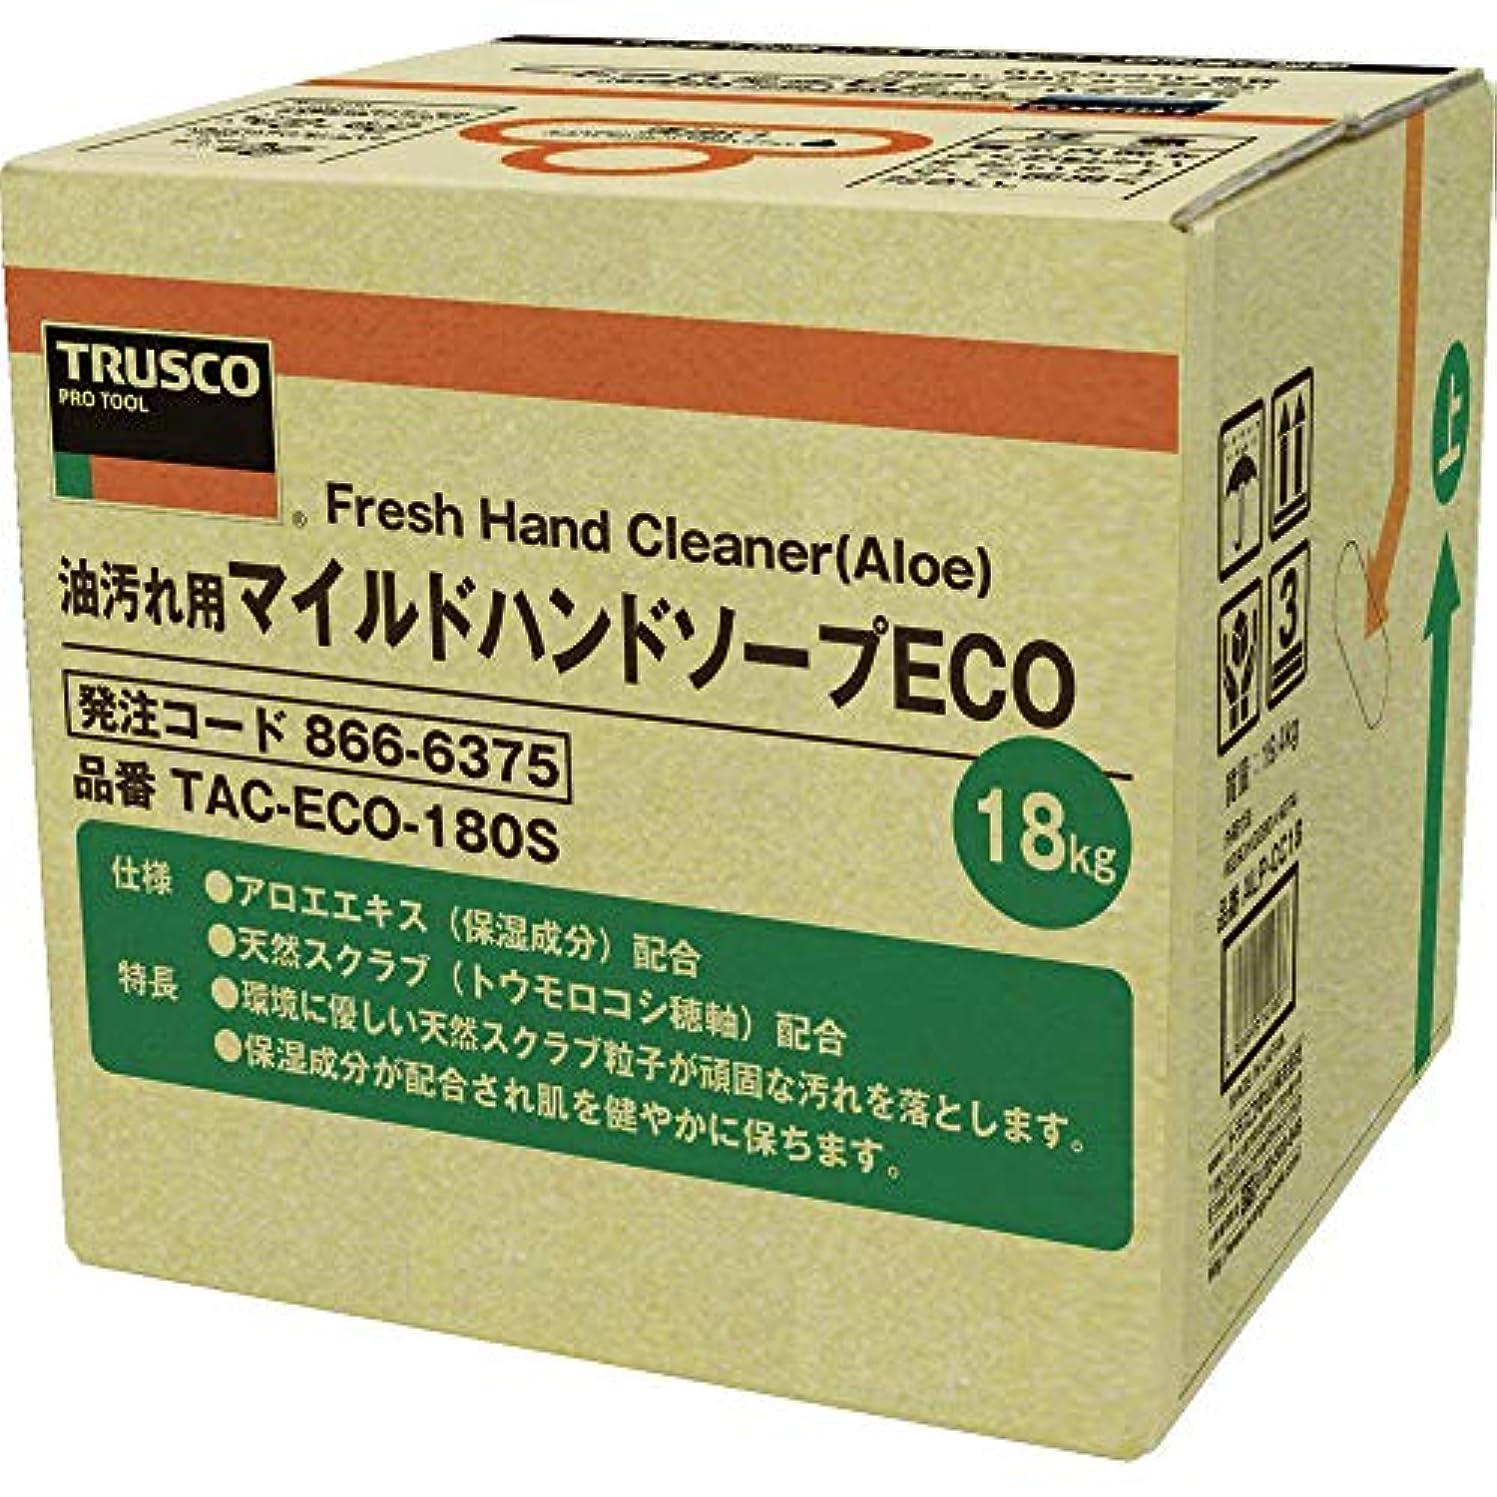 インフラハウジング肉屋TRUSCO(トラスコ) マイルドハンドソープ ECO 18L 詰替 バッグインボックス TACECO180S